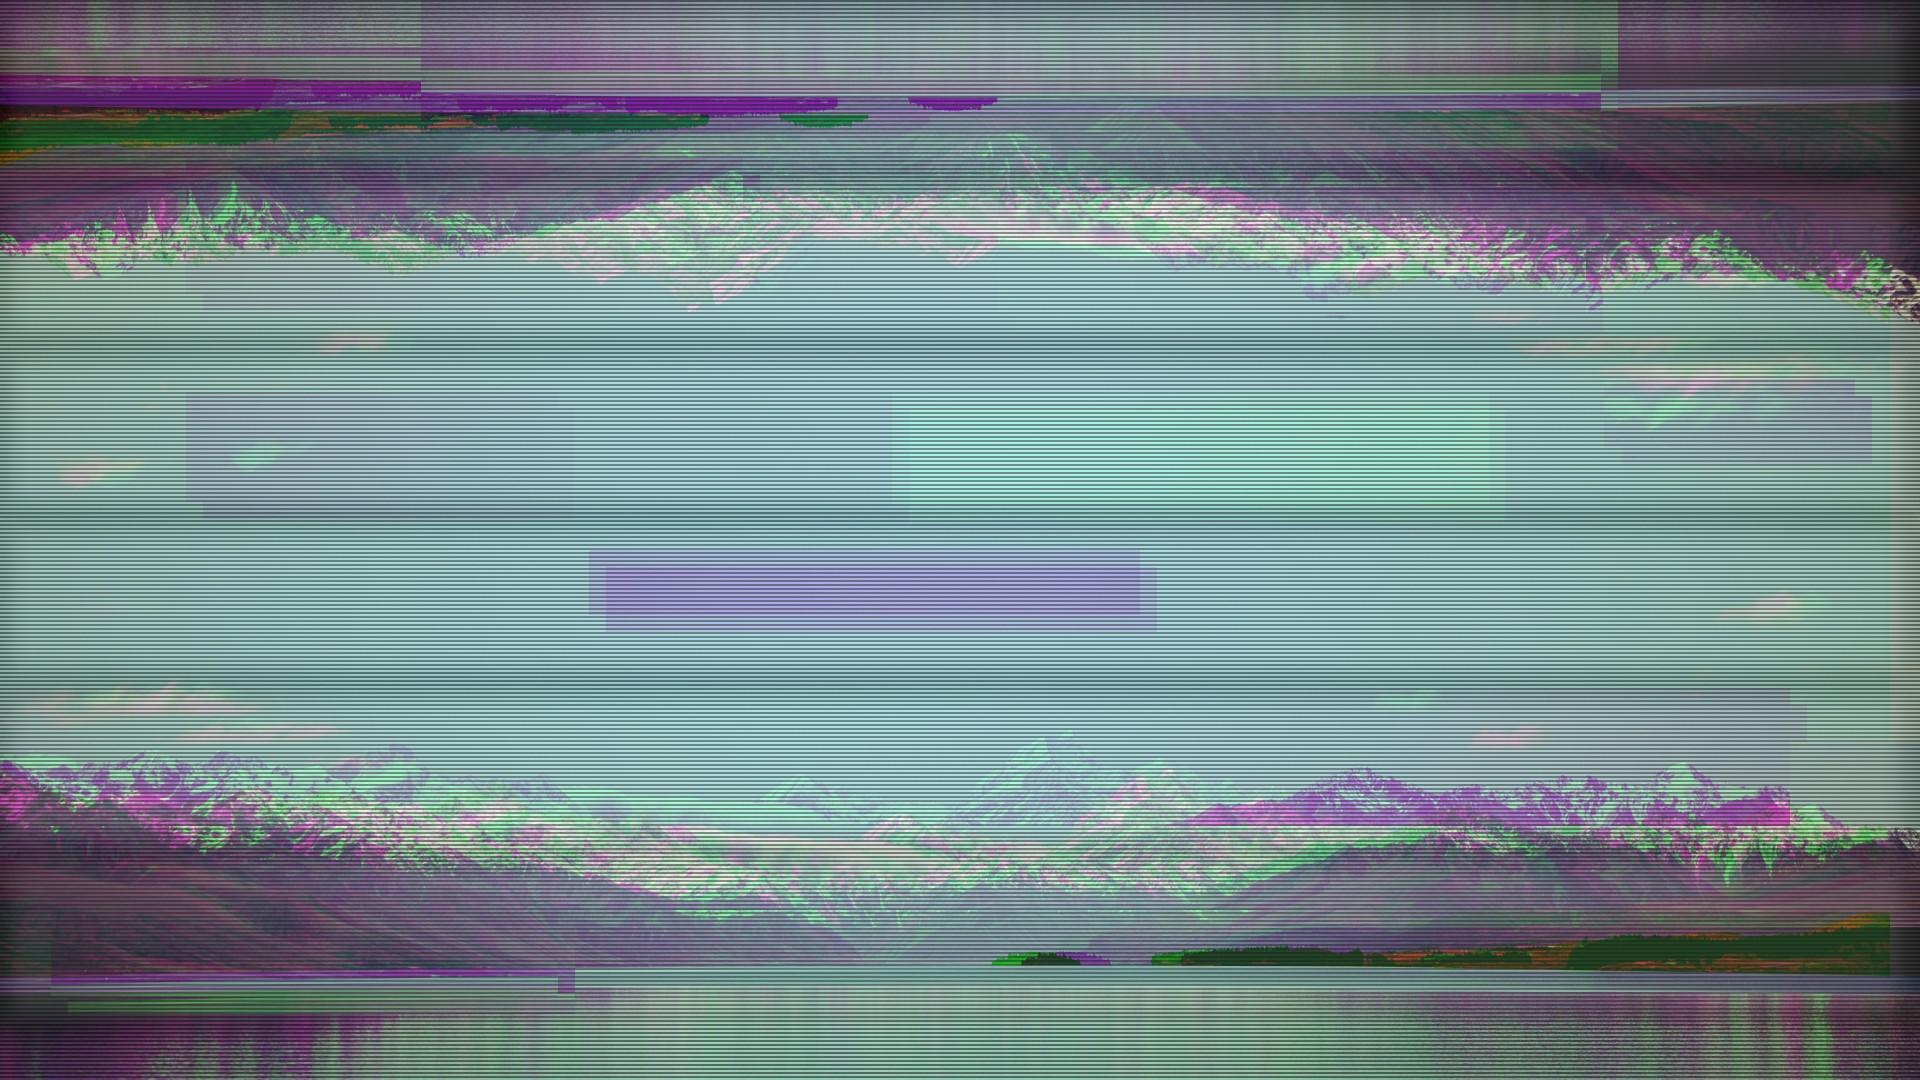 デスクトップ壁紙 : 1920x1080 Px, アルプス, グリッチアート, スクリーン効果, テレビ